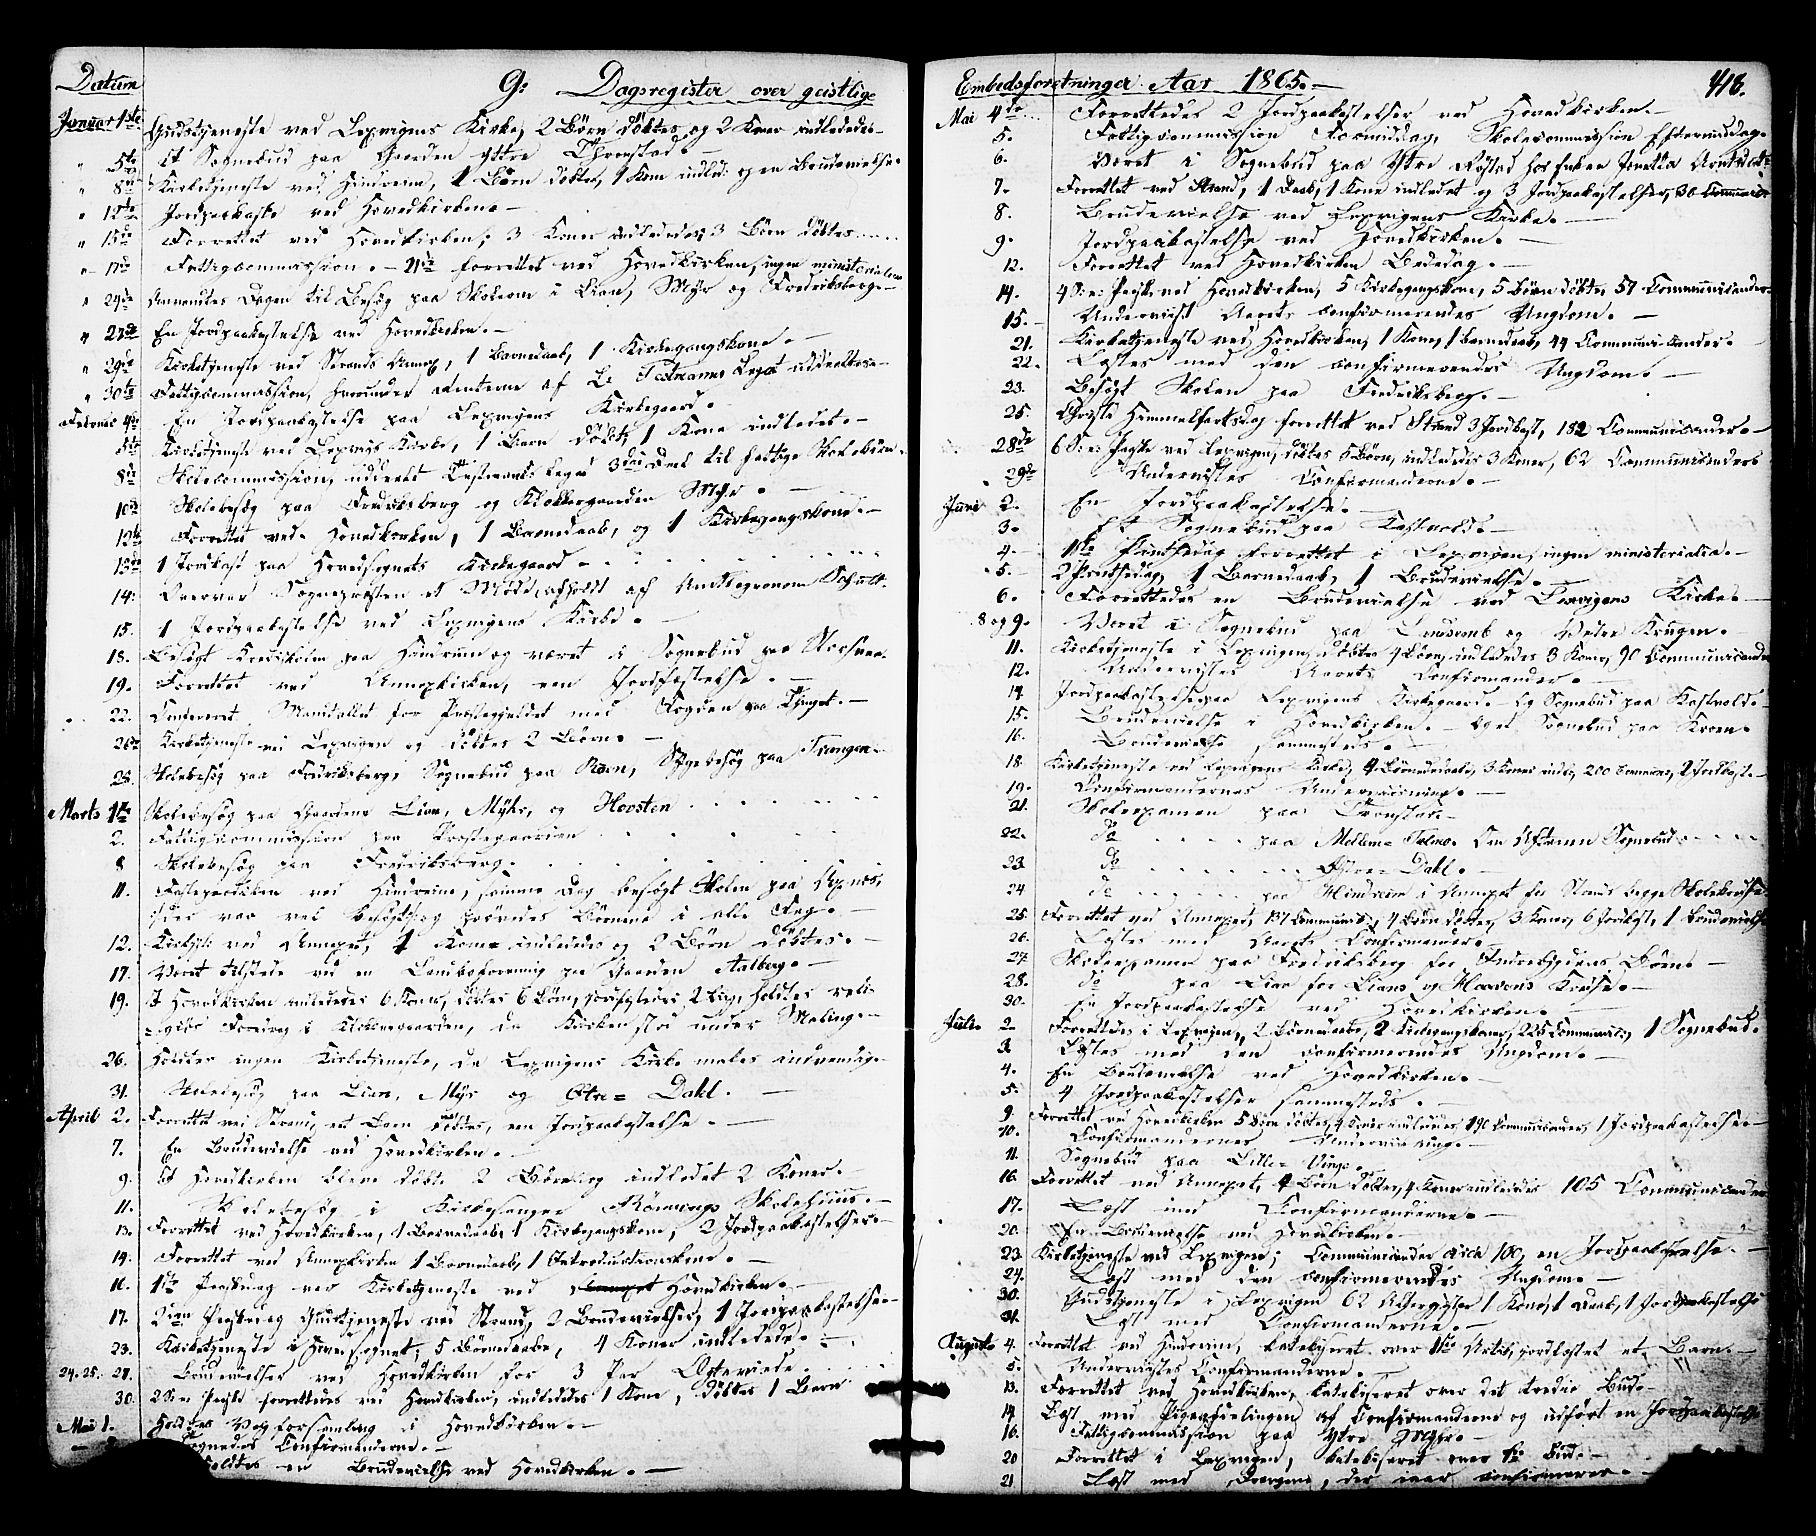 SAT, Ministerialprotokoller, klokkerbøker og fødselsregistre - Nord-Trøndelag, 701/L0009: Ministerialbok nr. 701A09 /1, 1864-1882, s. 418